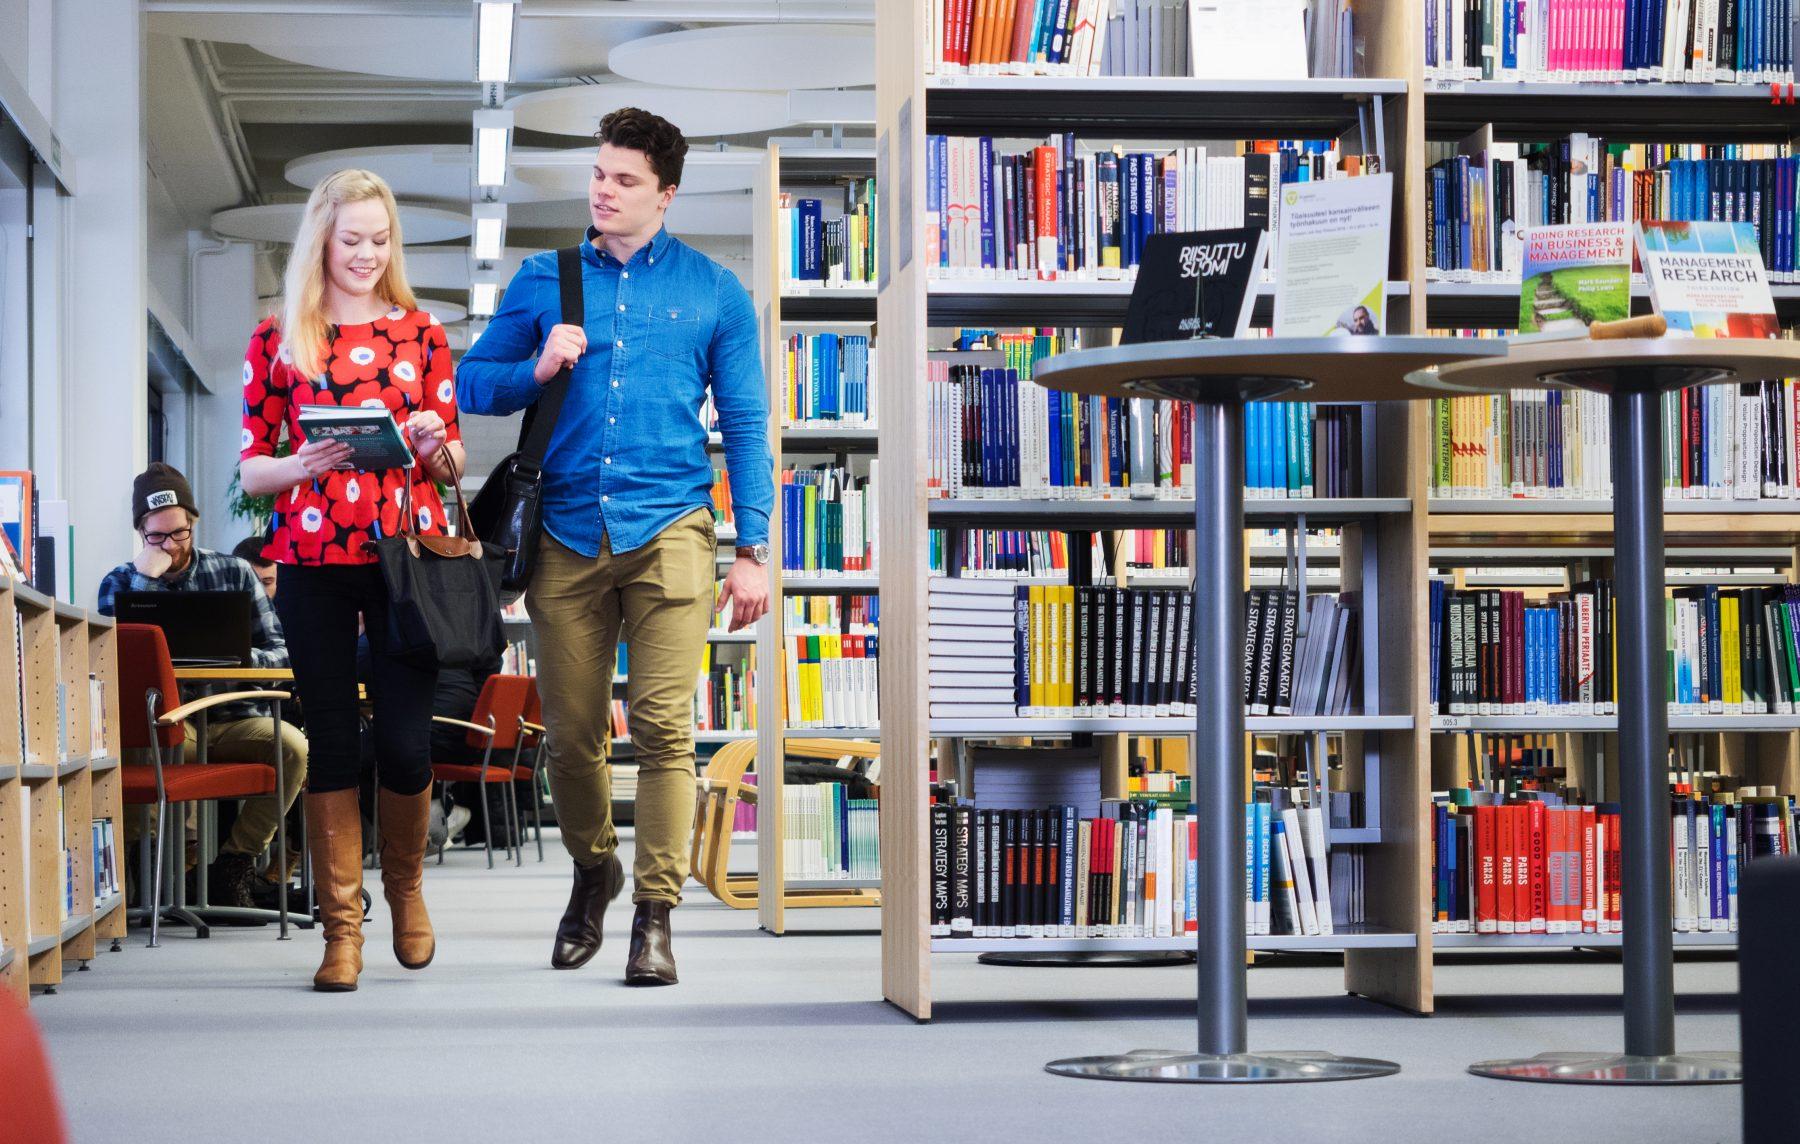 Opiskelijoita SAMKin kirjastossa, students in the library.